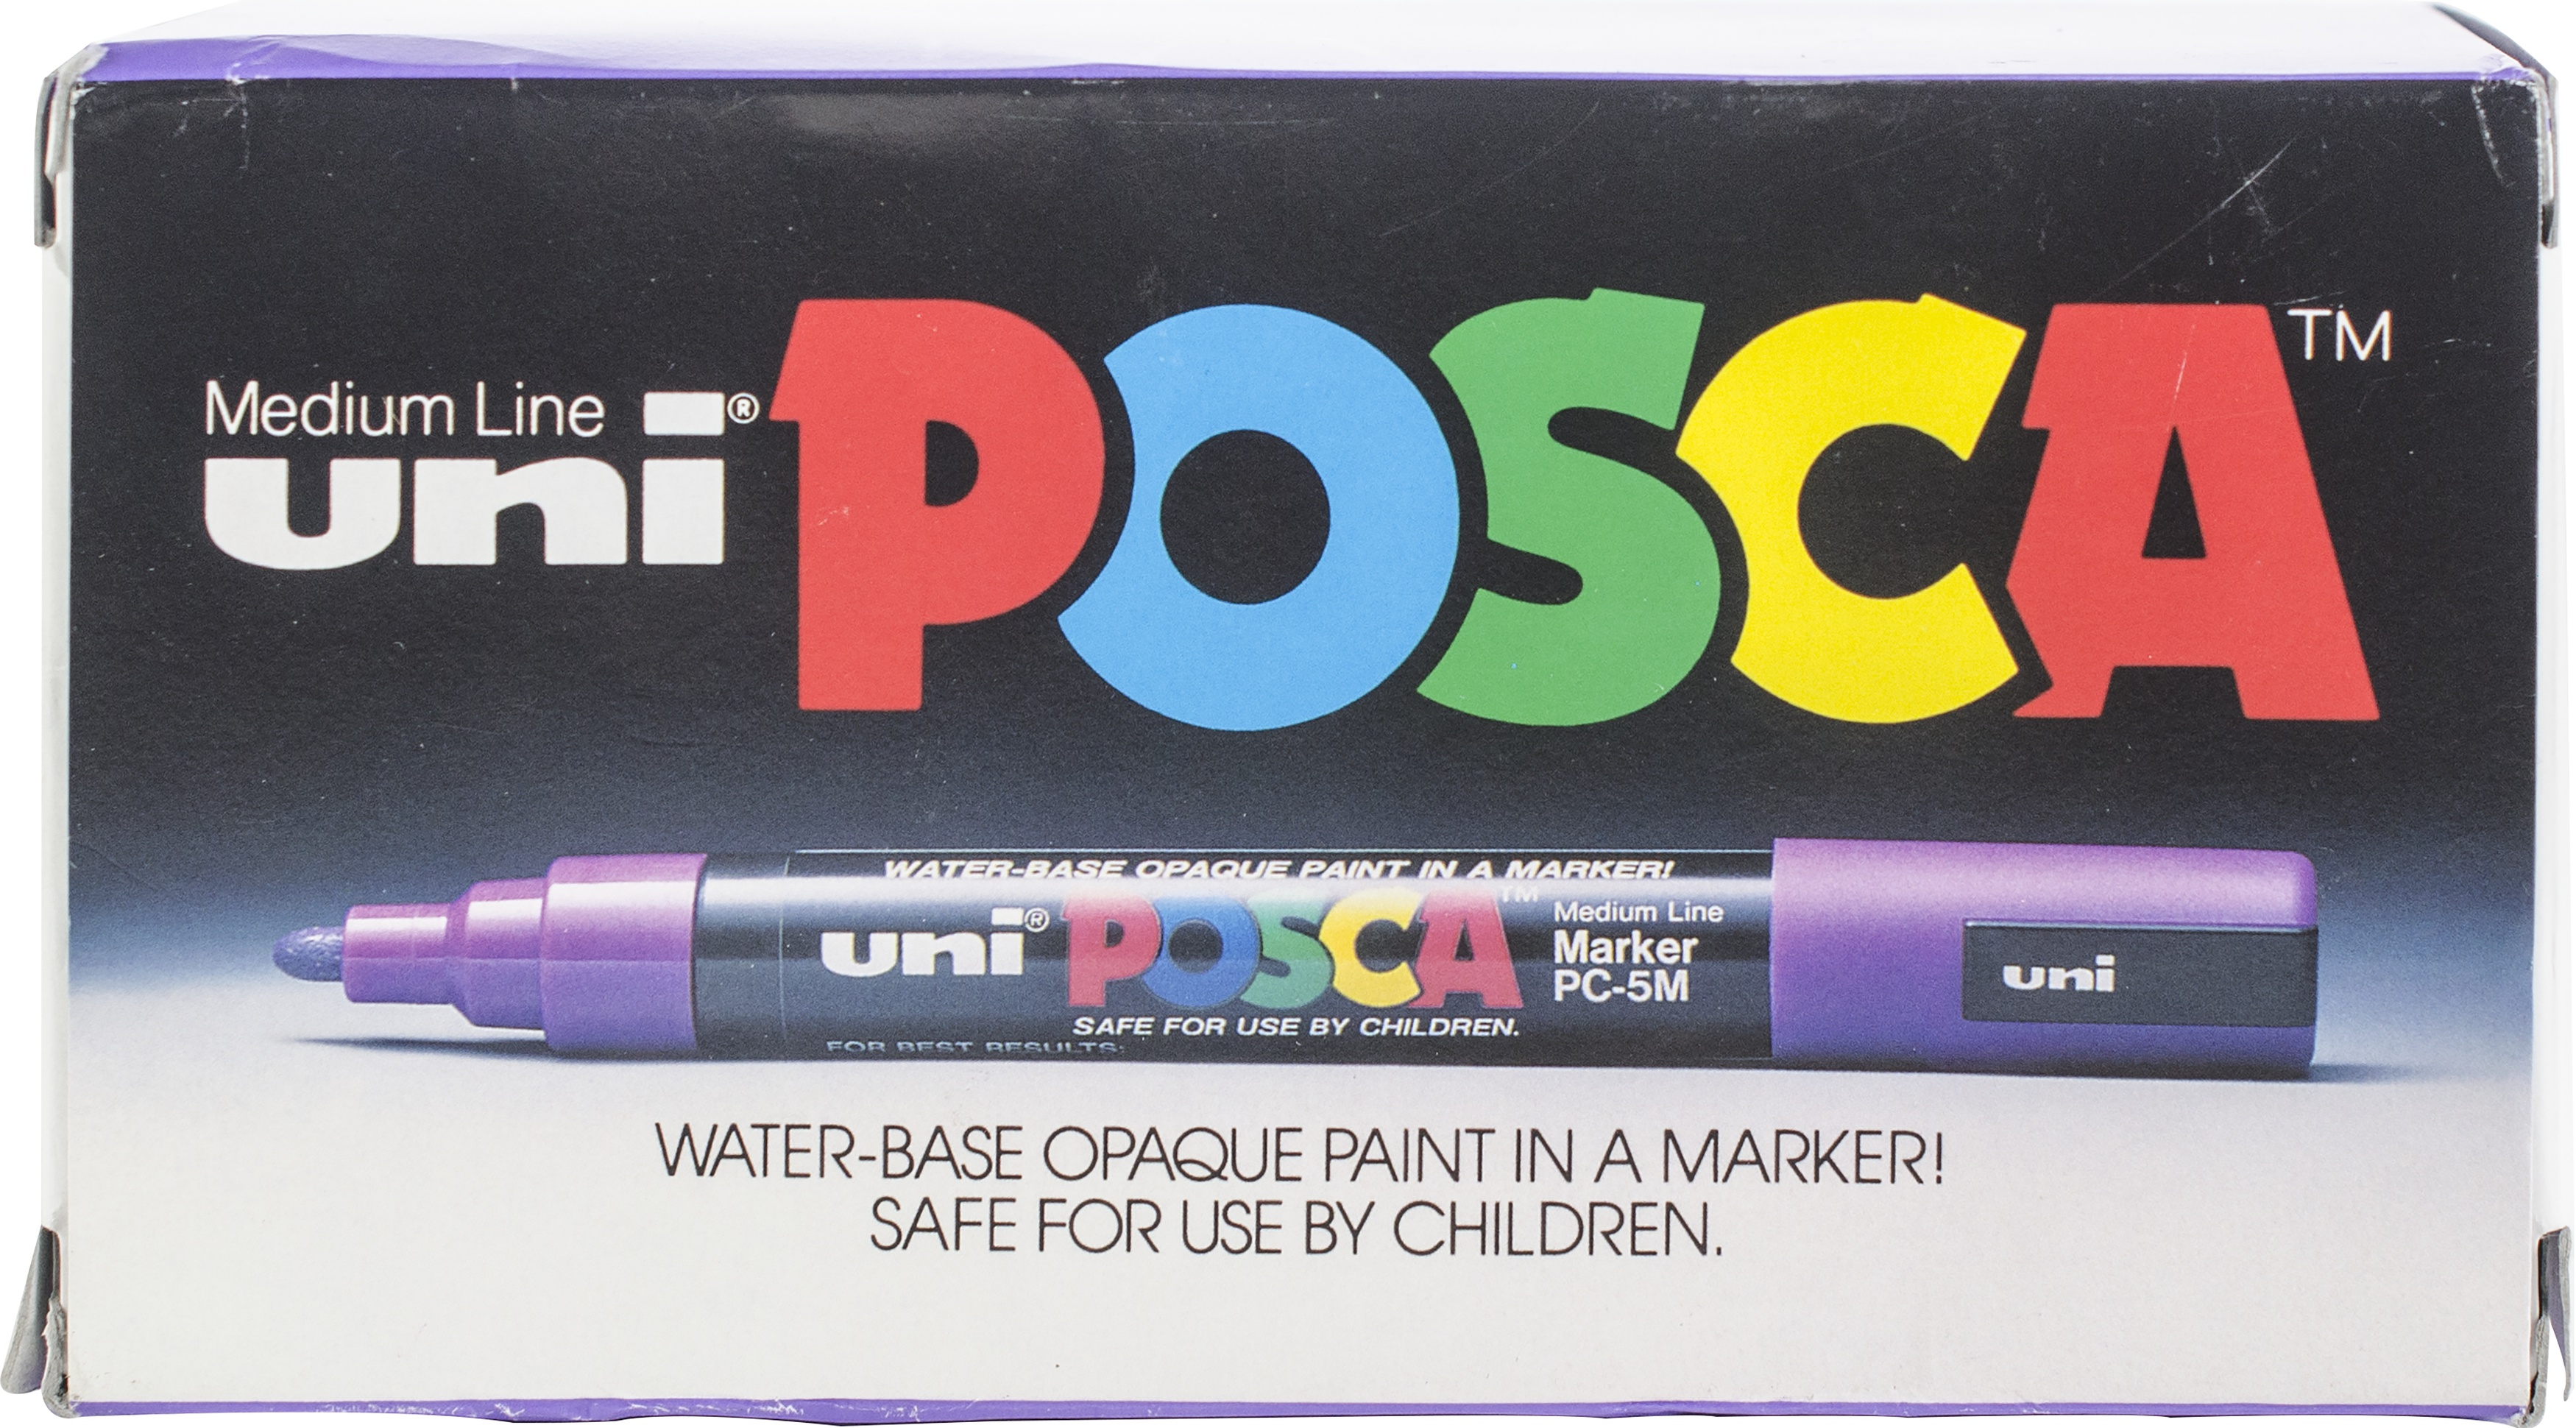 Posca Paint Marker Pen - 2.5mm Tip White